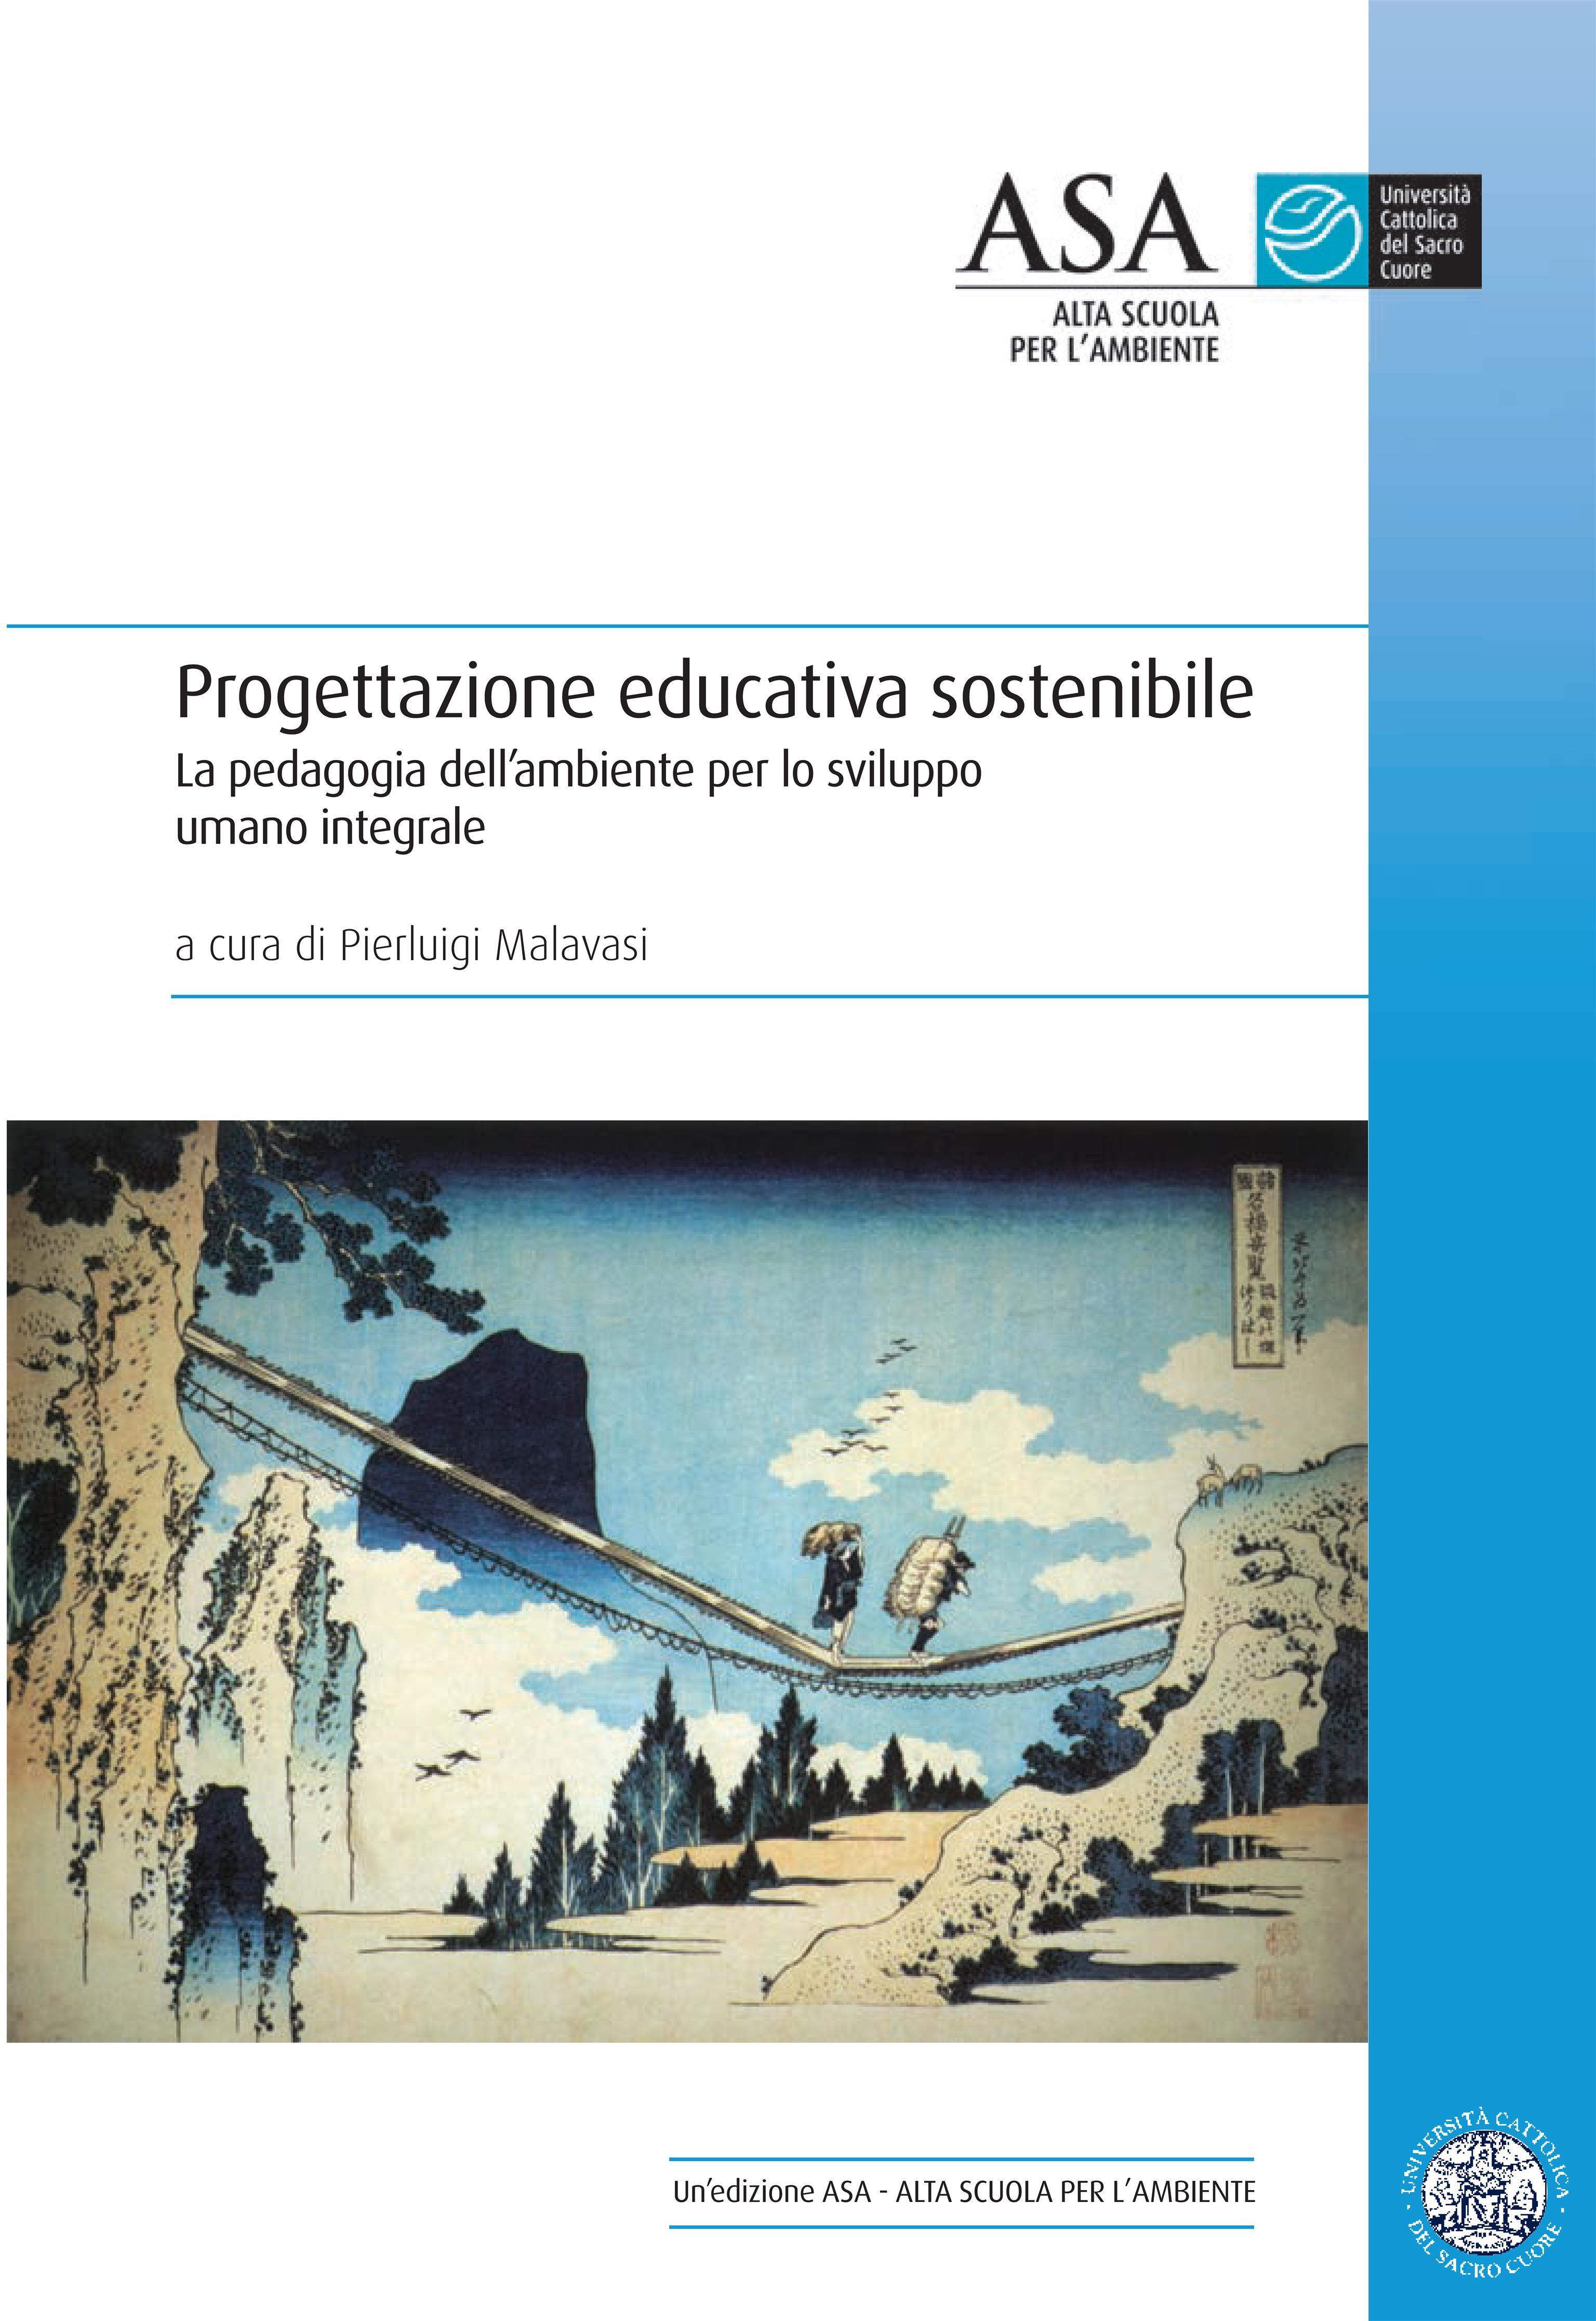 PROGETTAZIONE EDUCATIVA SOSTENIBILE